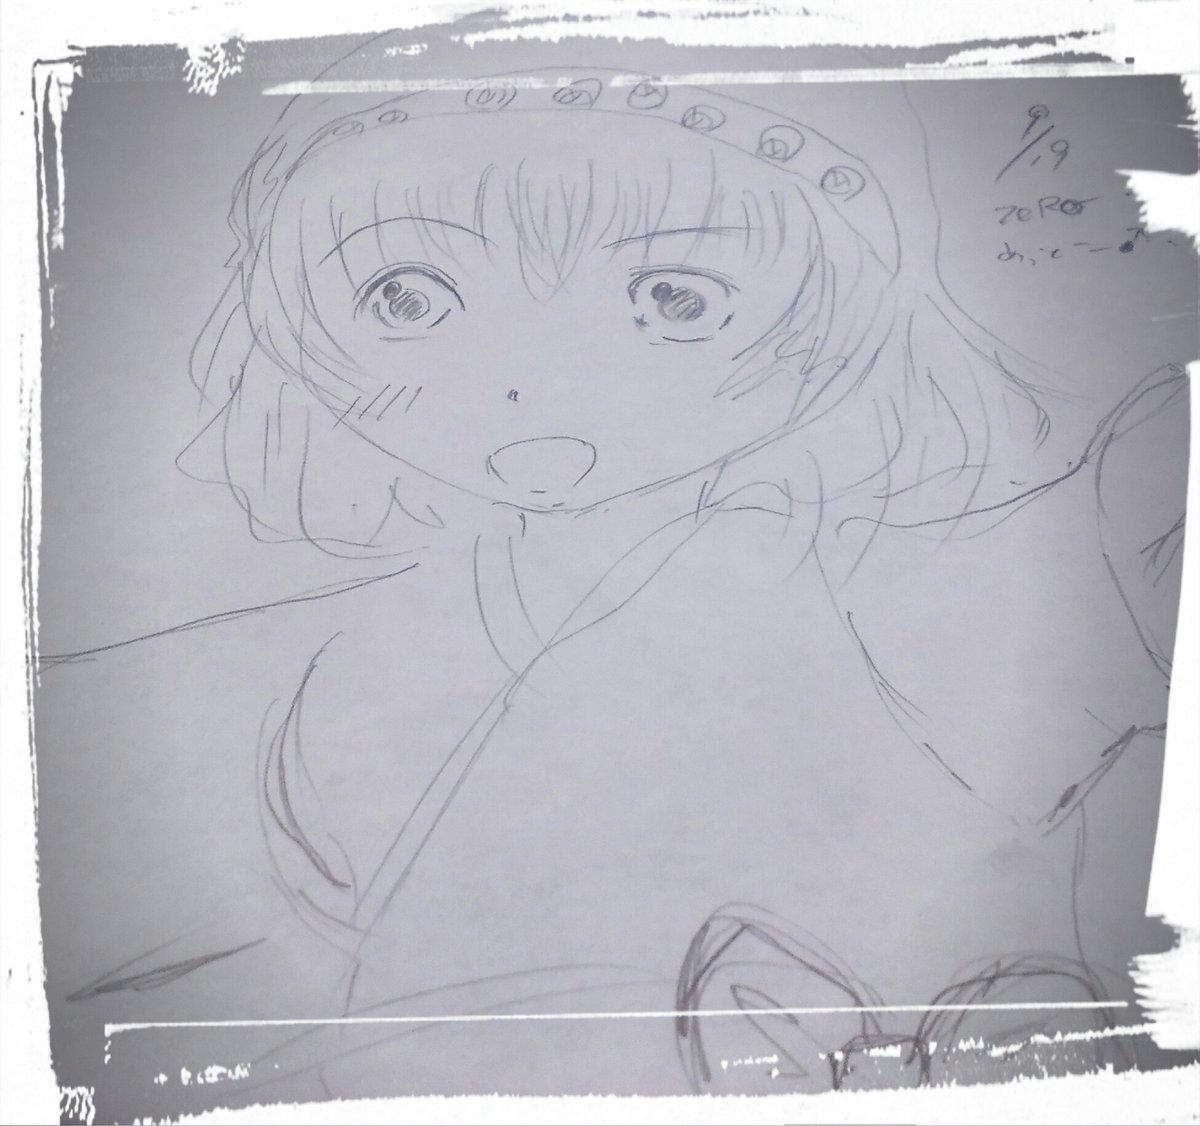 mettoko_Fan_art_436